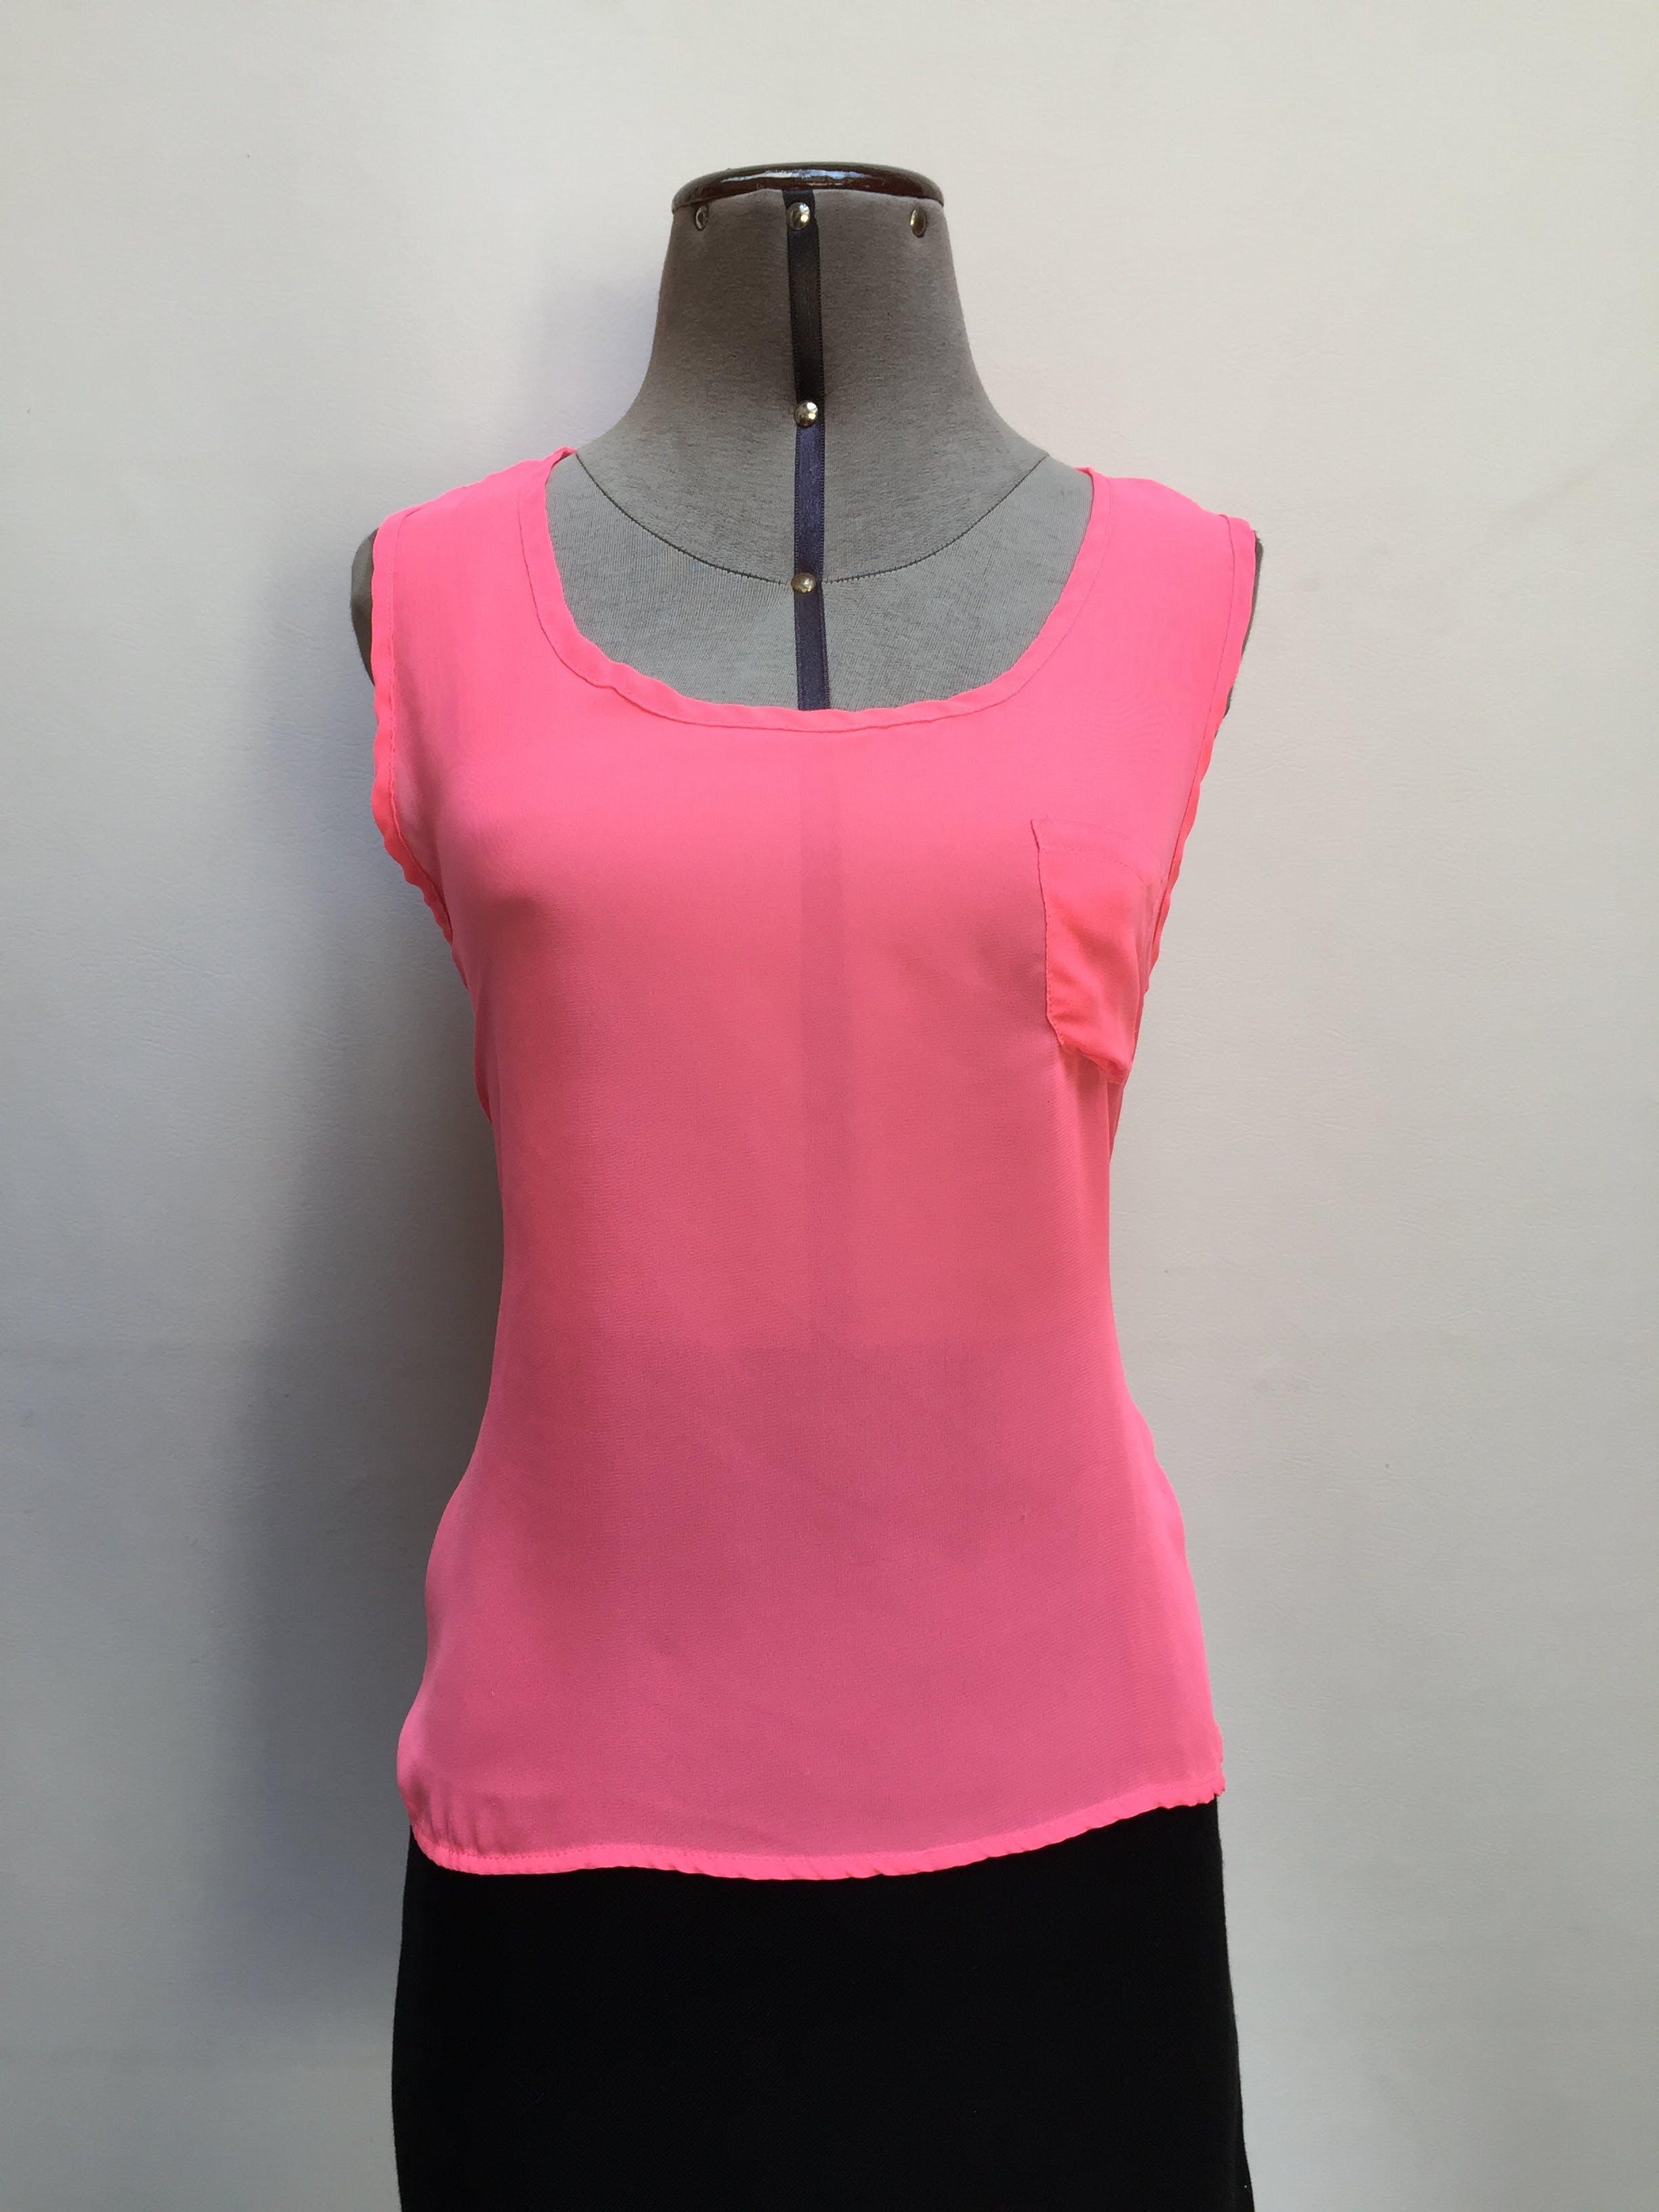 Blusa Rock Papaya de gasa rosado neón, bolsillo en el pecho y basta asimétrica Talla M